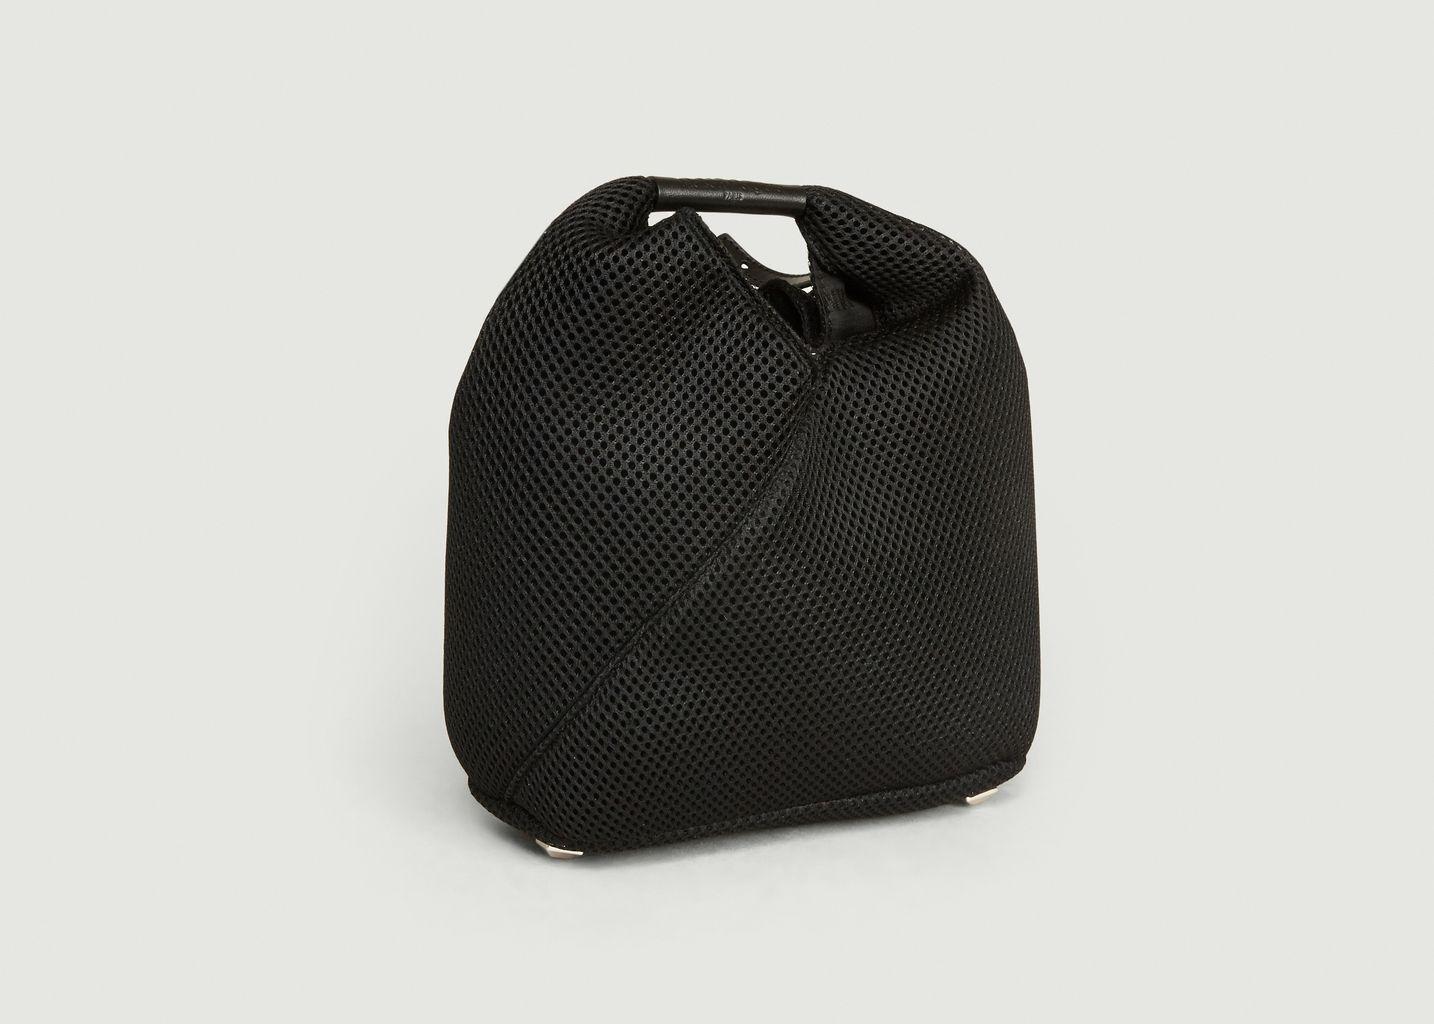 Mini sac japonais en tissu mesh - MM6